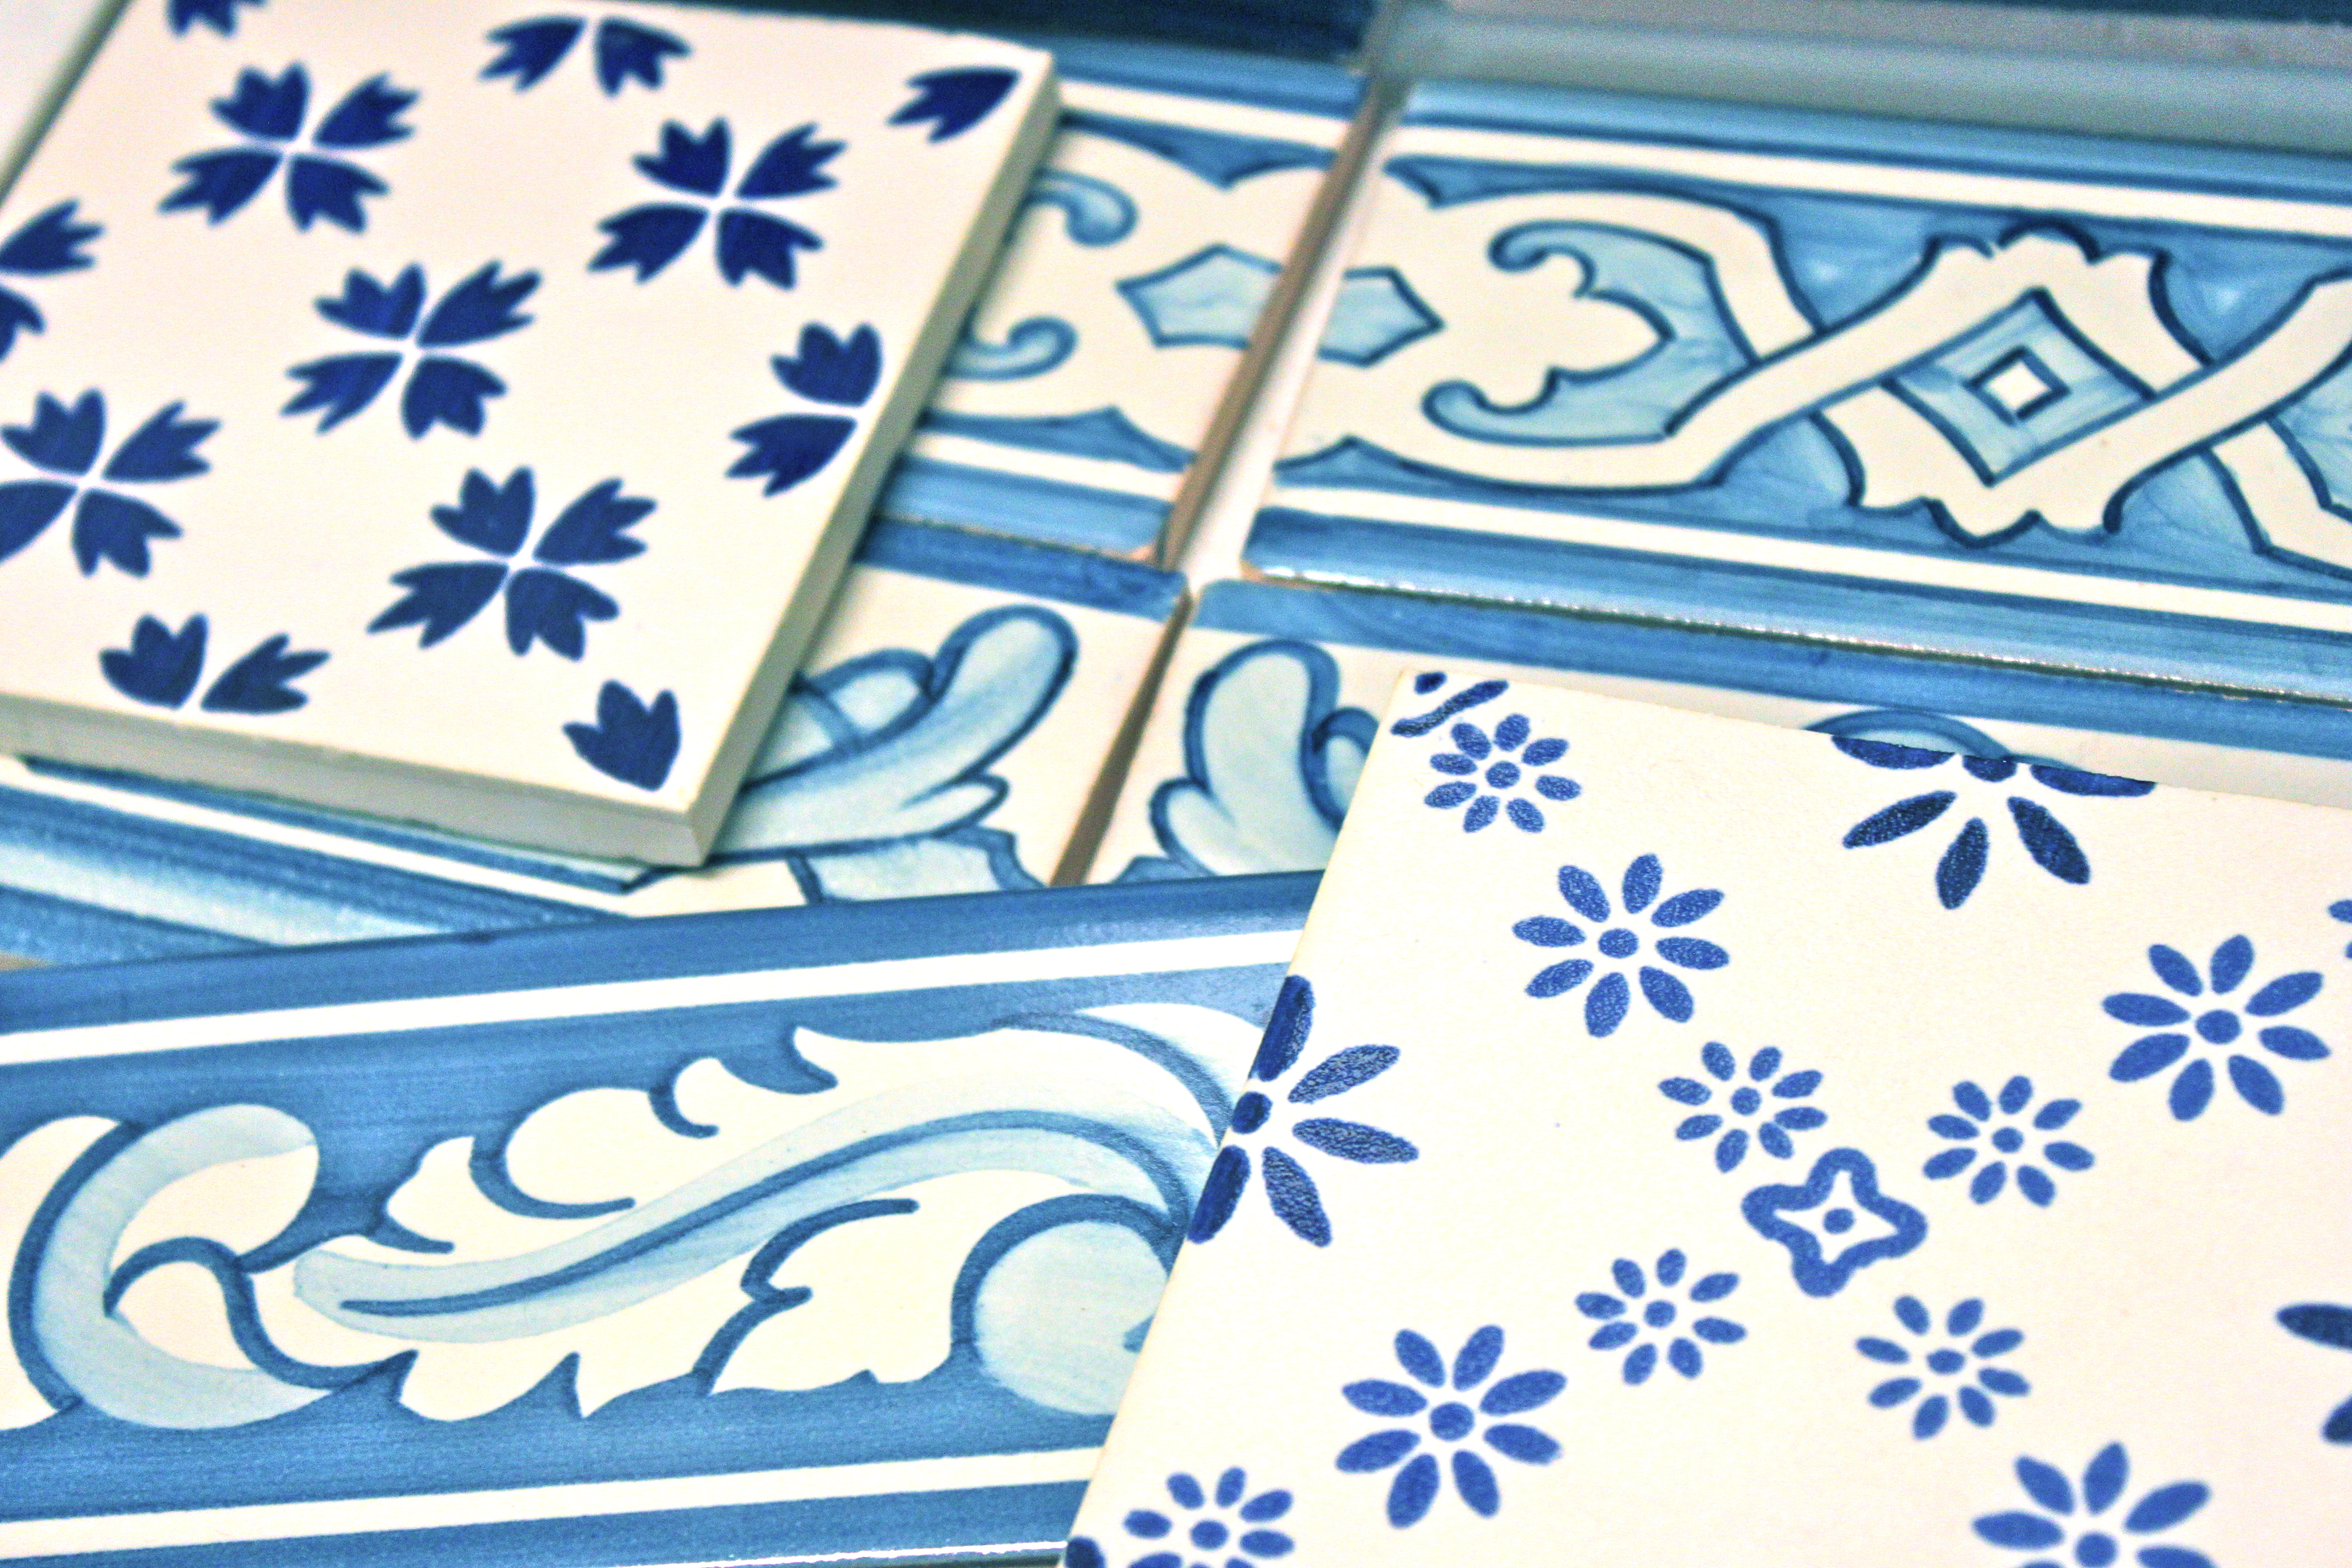 Ceramis azulejos les carreaux du portugal so many paris for Carreaux faience anciens